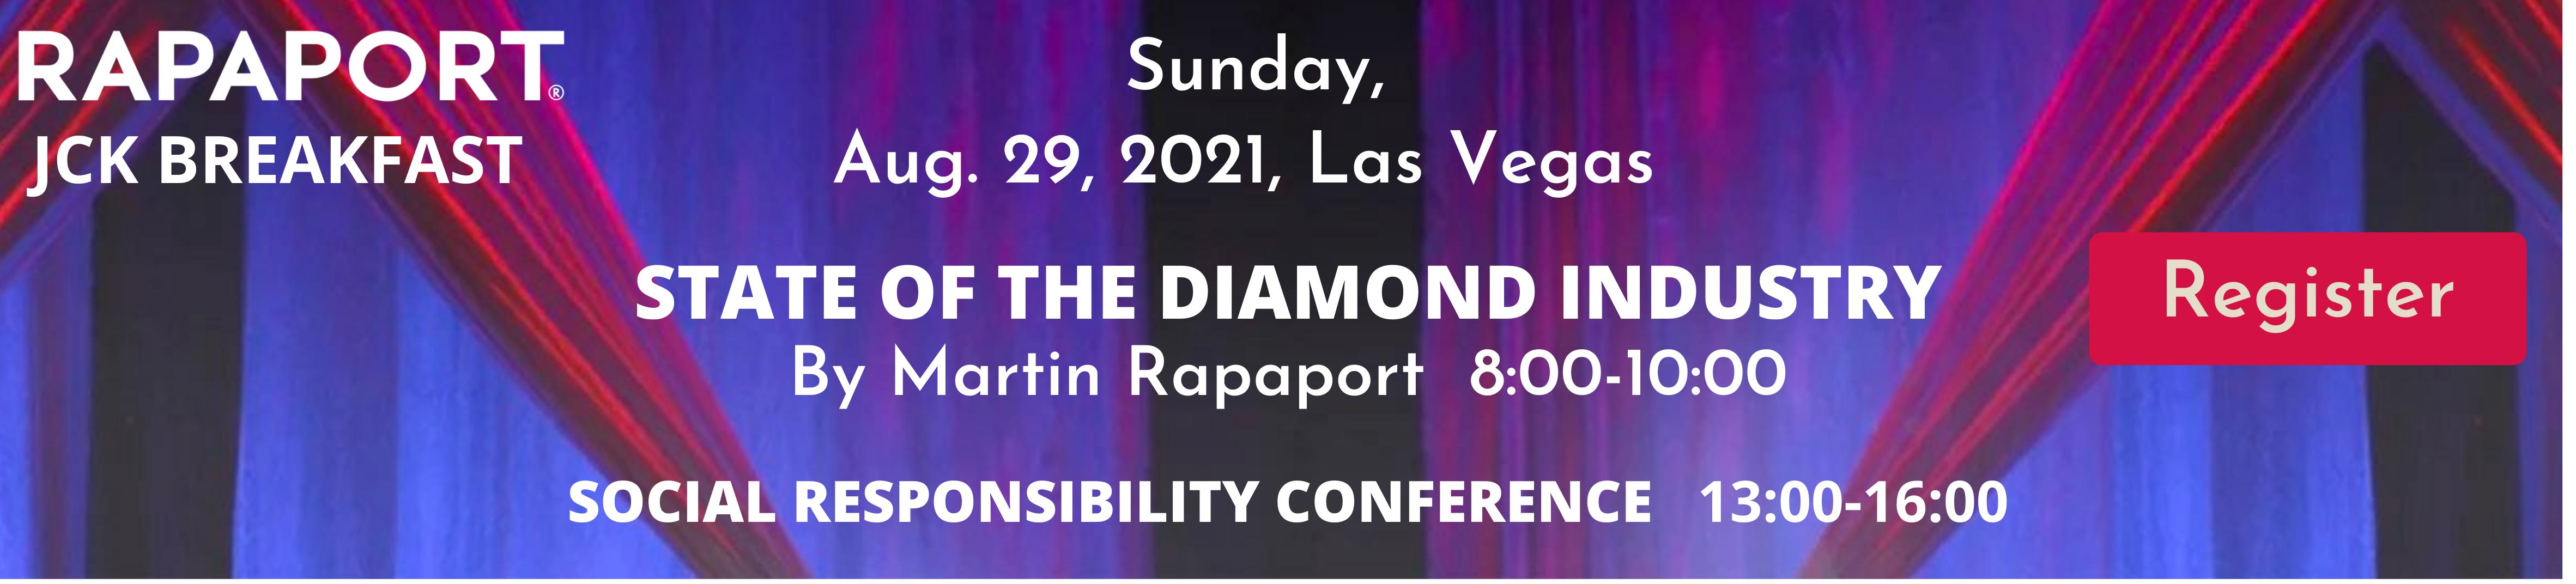 Sunday, Aug. 29, 2021 Las Vegas (2)-1